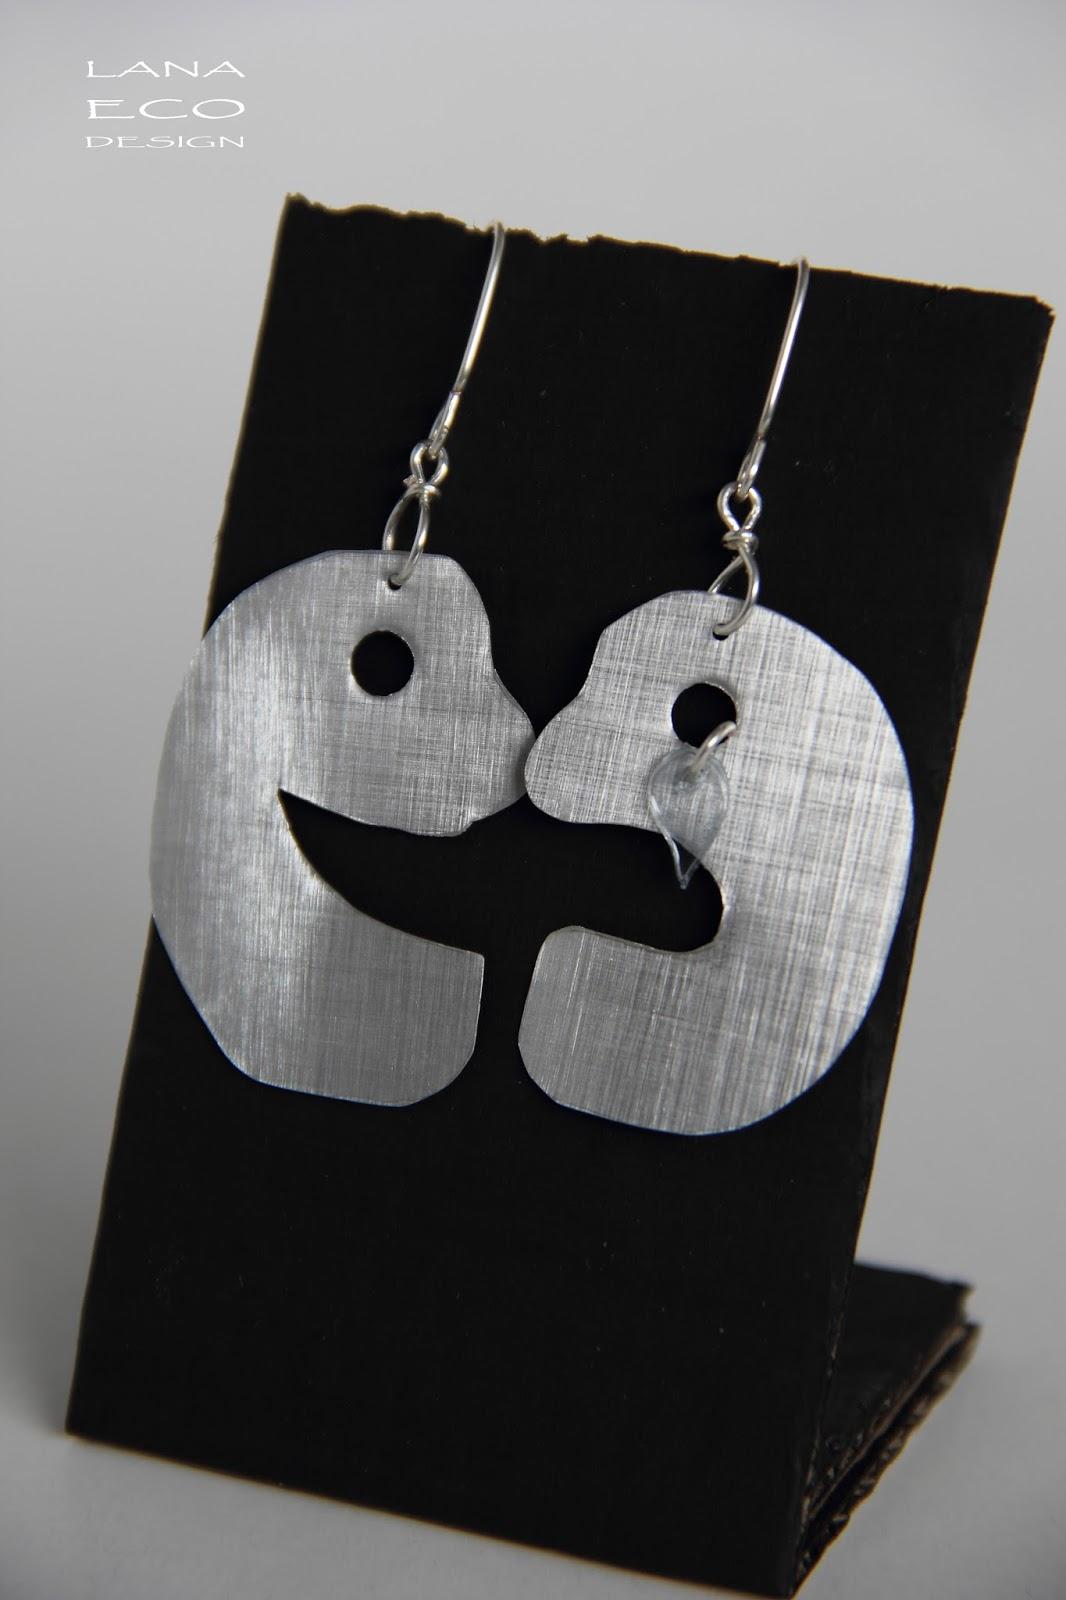 design-ecosostenibile-eco-friendly-fatto-a-mano-handmade